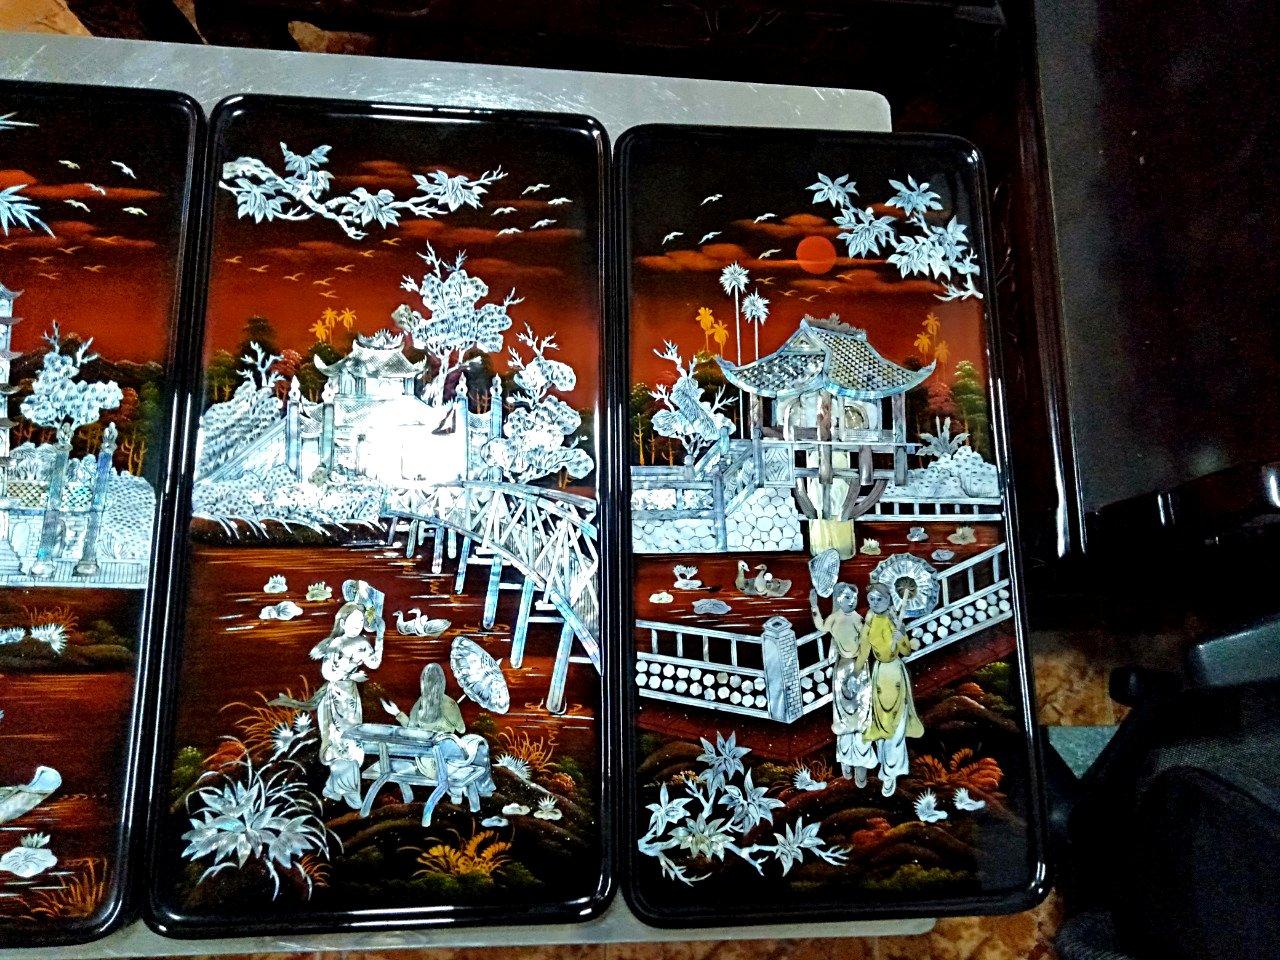 Tranh sơn mài cao cấp - Tranh Sơn mài Tứ Đền TD02 - SALE OFF - Malanaz Shopping - Giá tốt nhất - Giao hàng nhanh